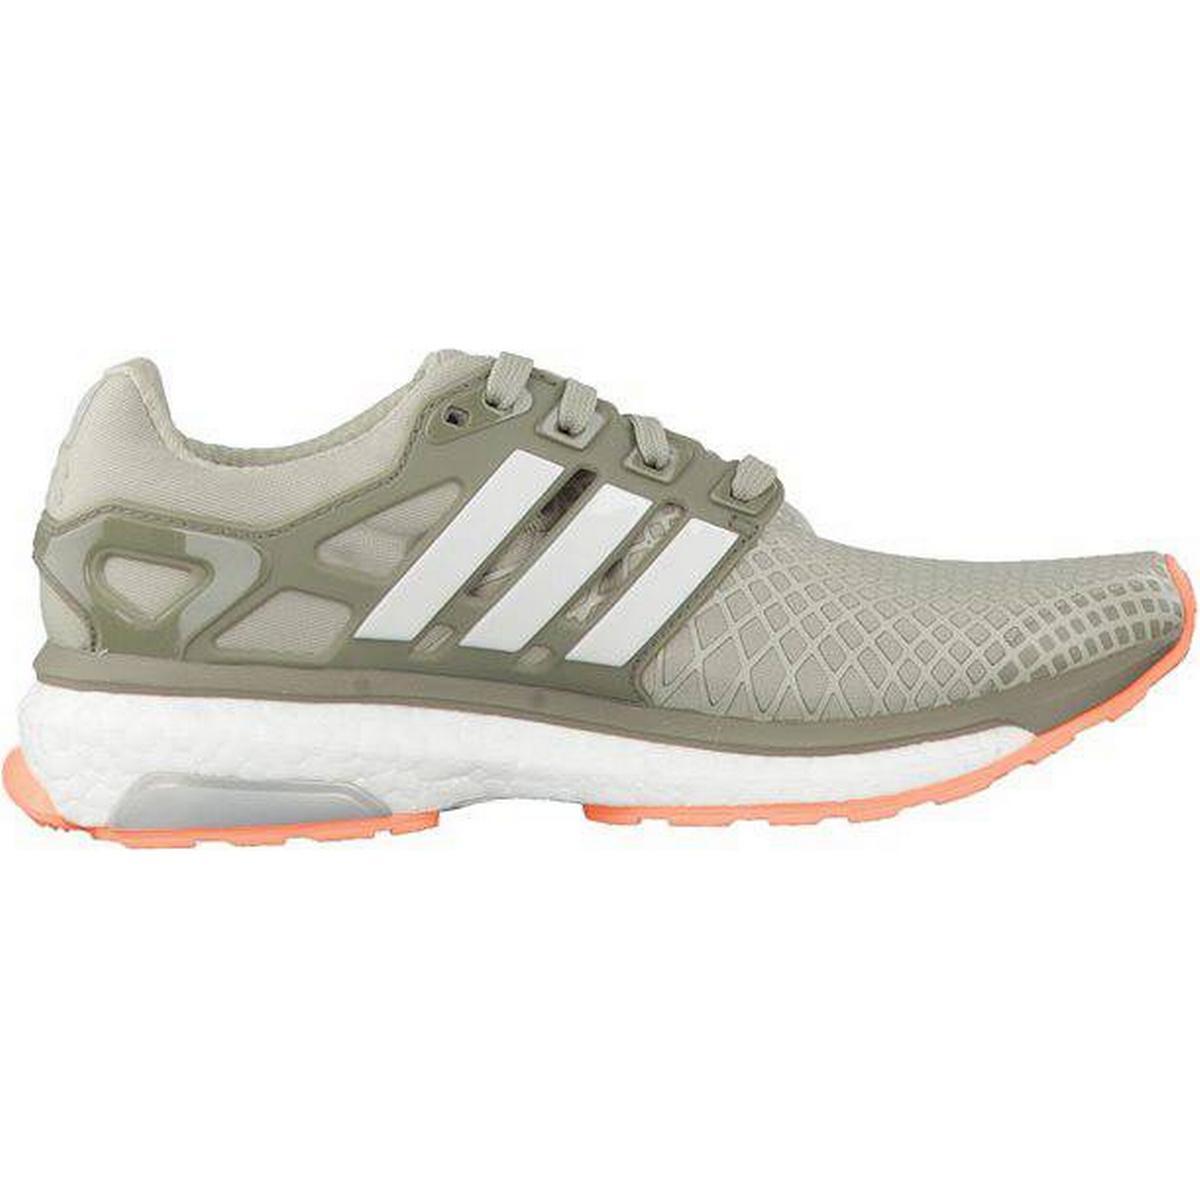 Adidas energy boost dam • Hitta det lägsta priset hos